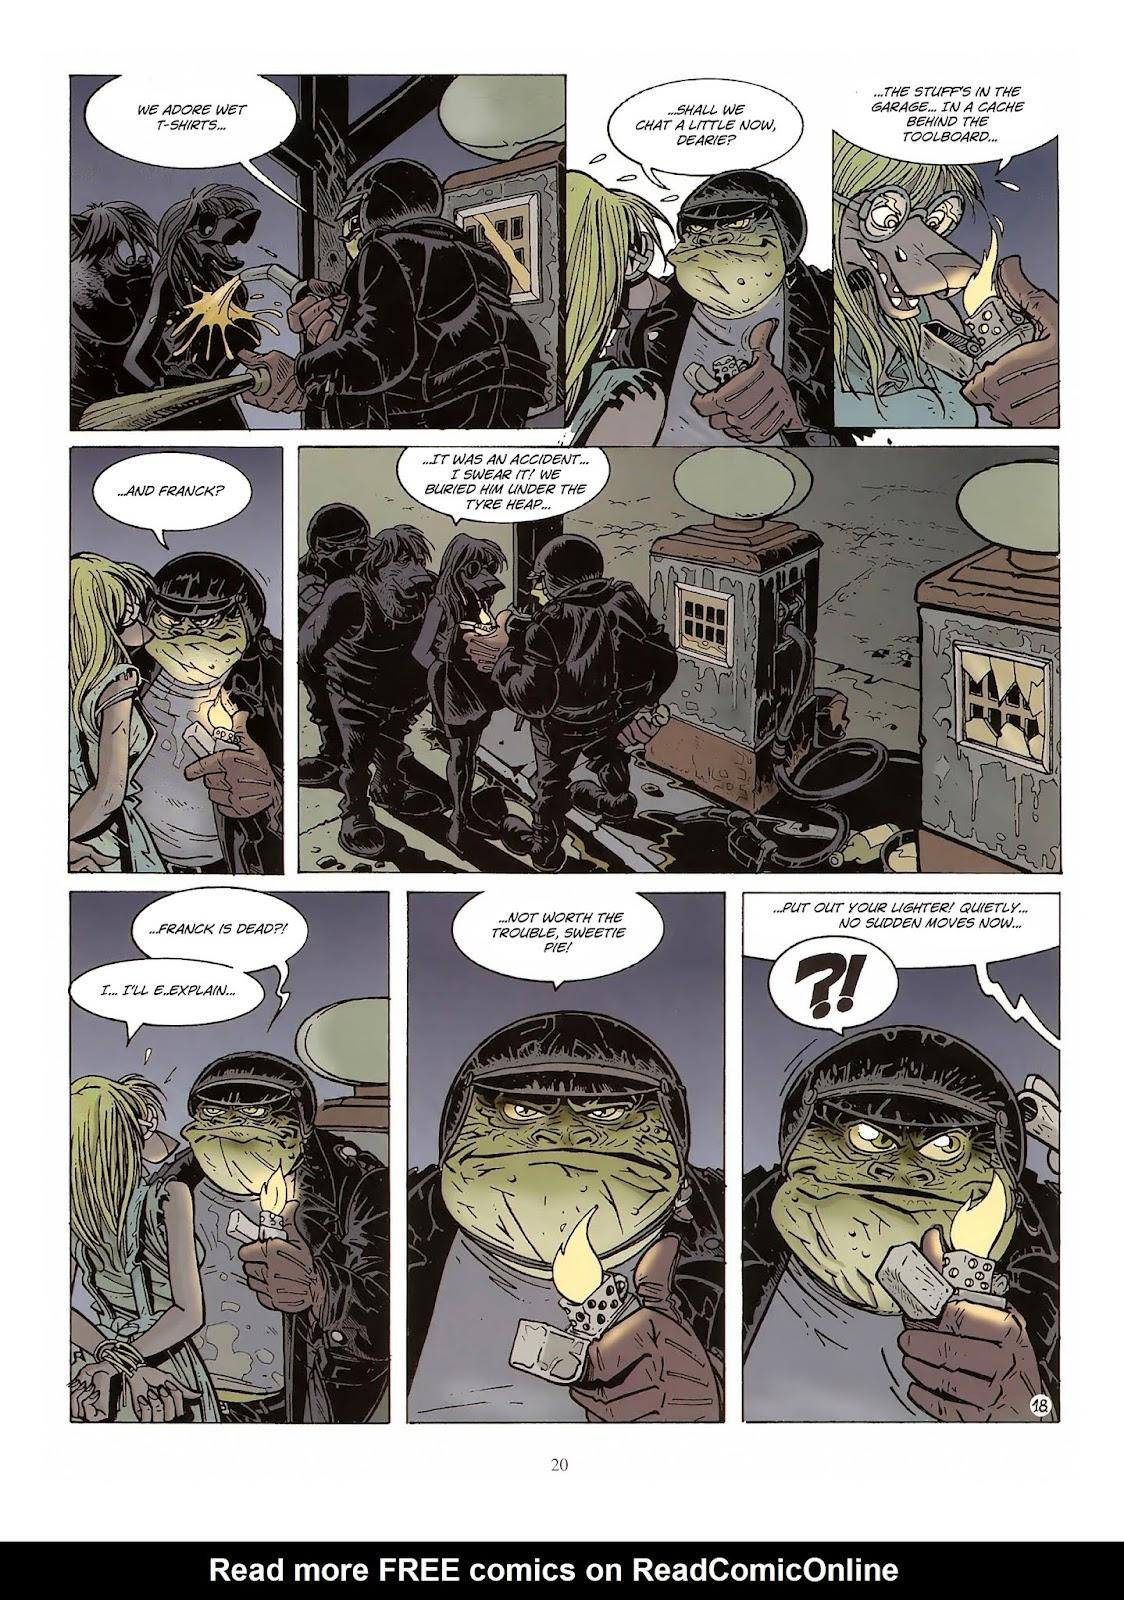 Une enquête de l'inspecteur Canardo issue 10 - Page 21